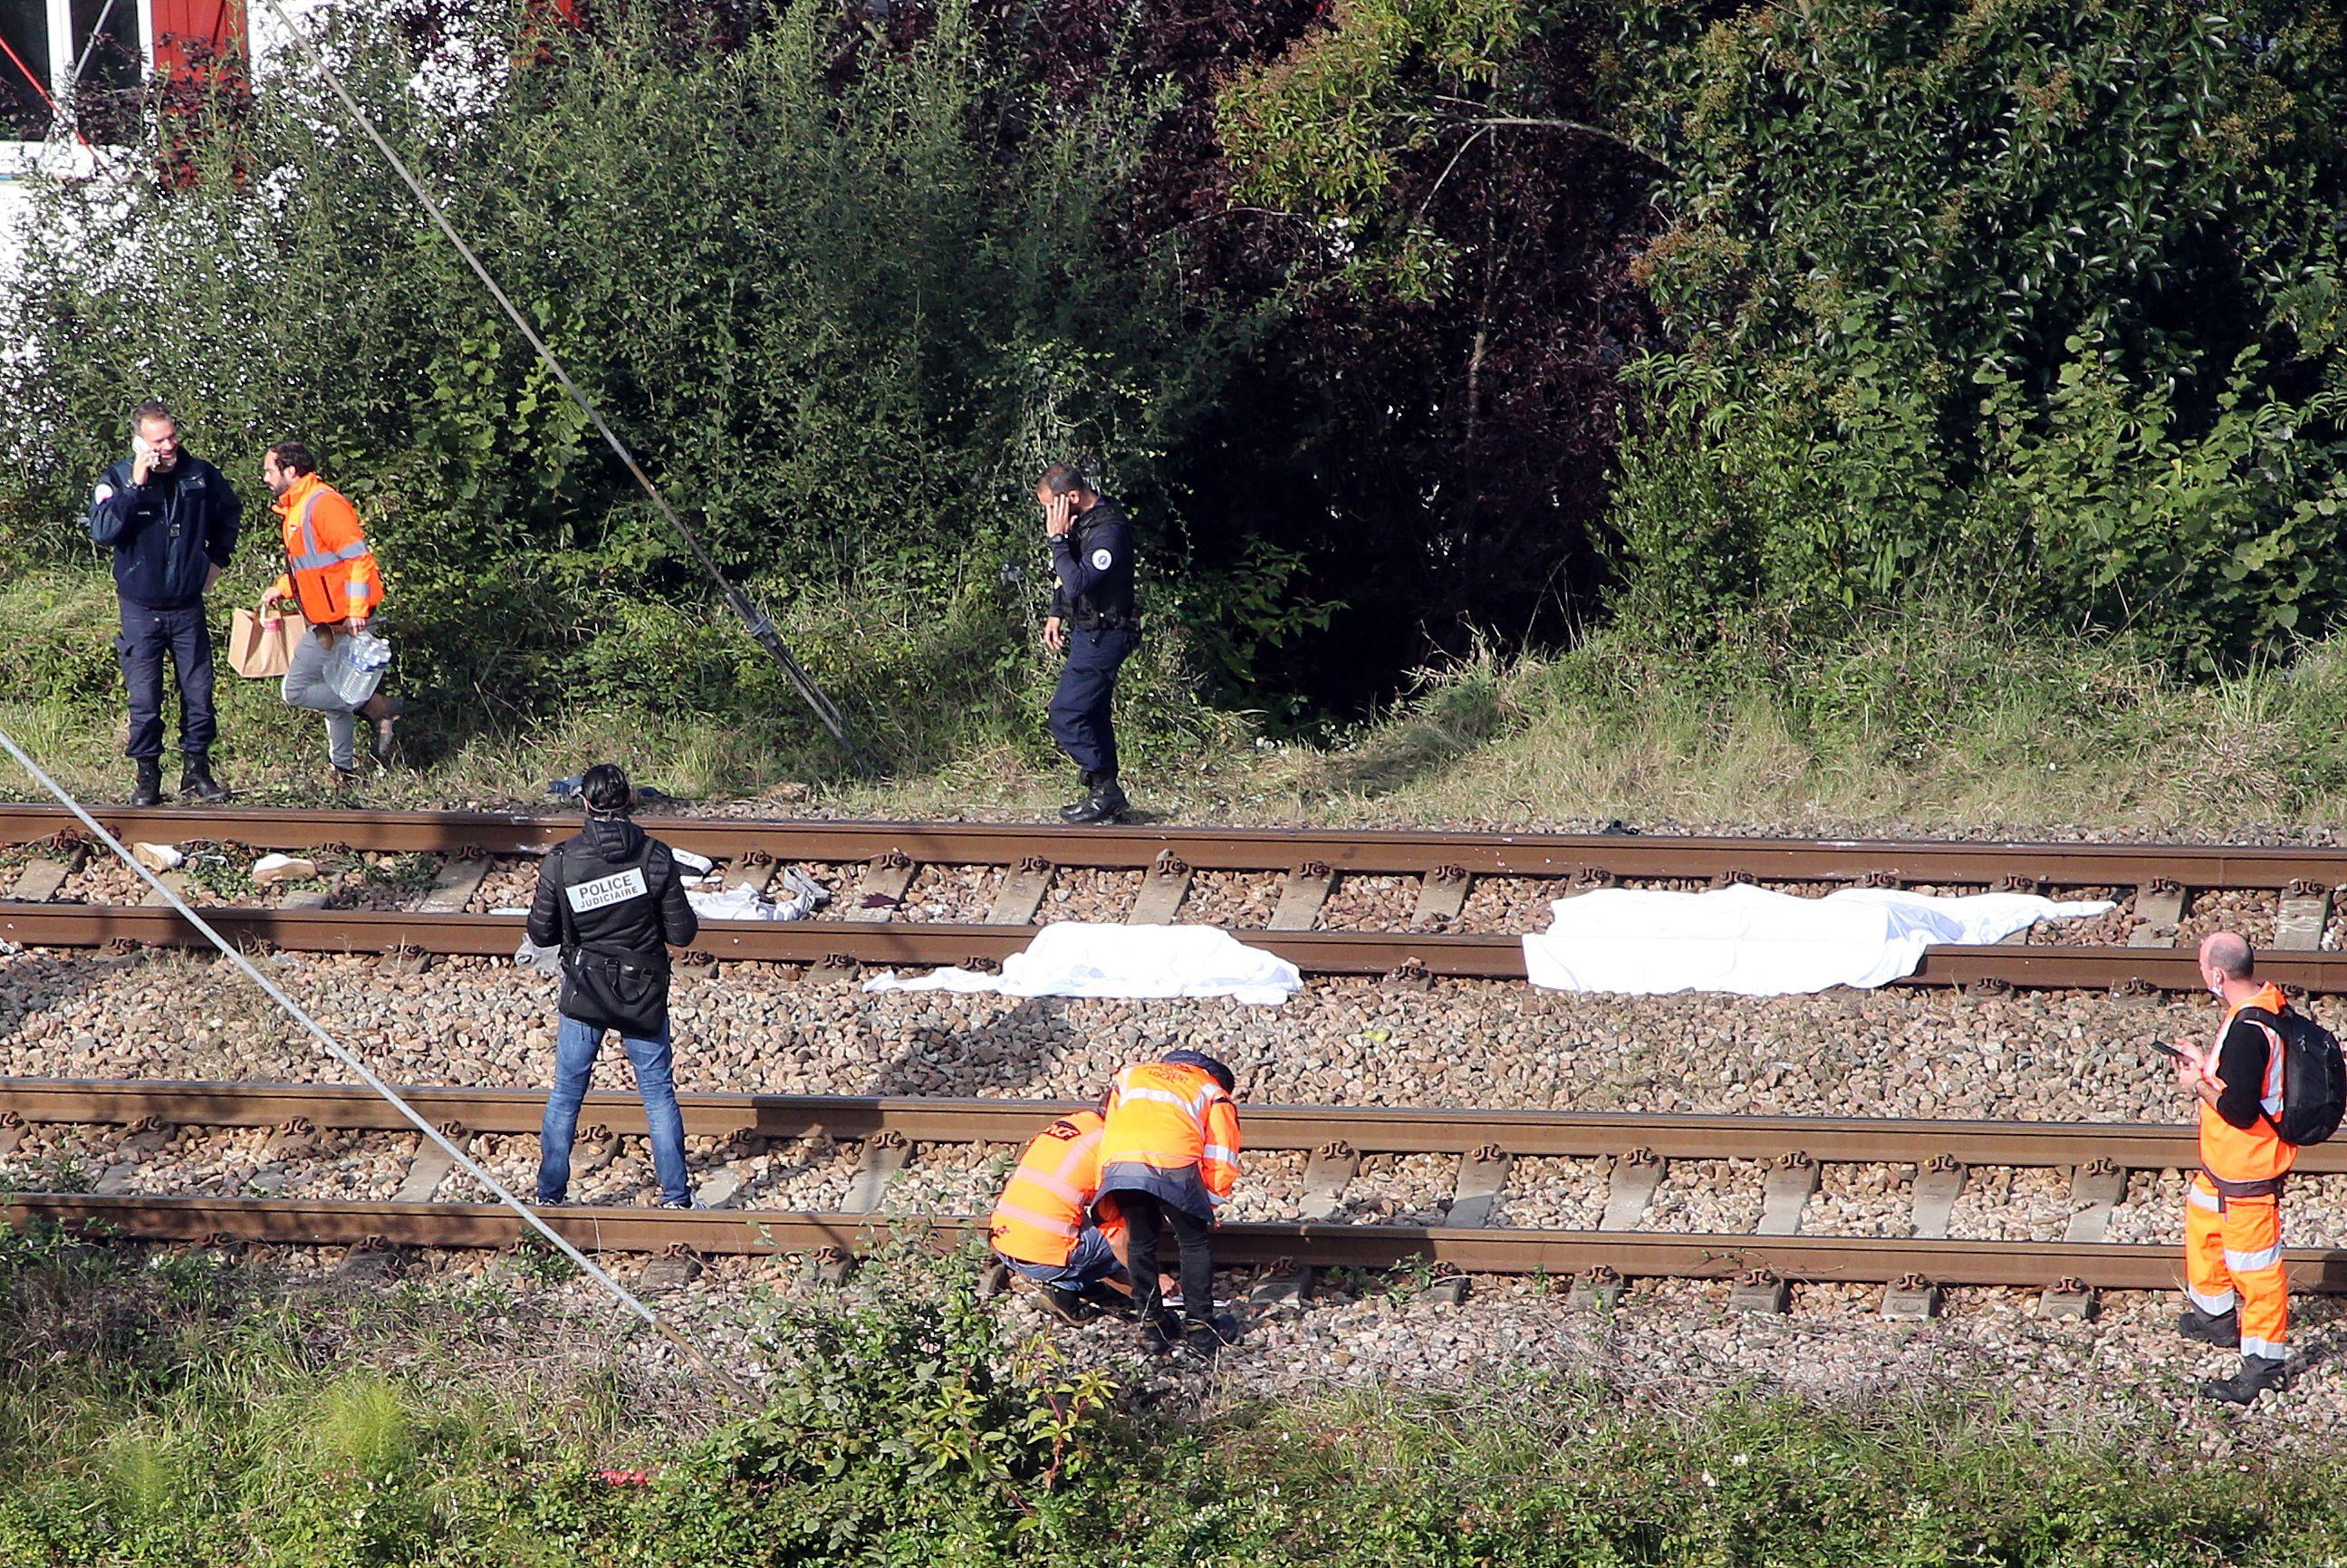 mueren 3 atropellados por tren en francia